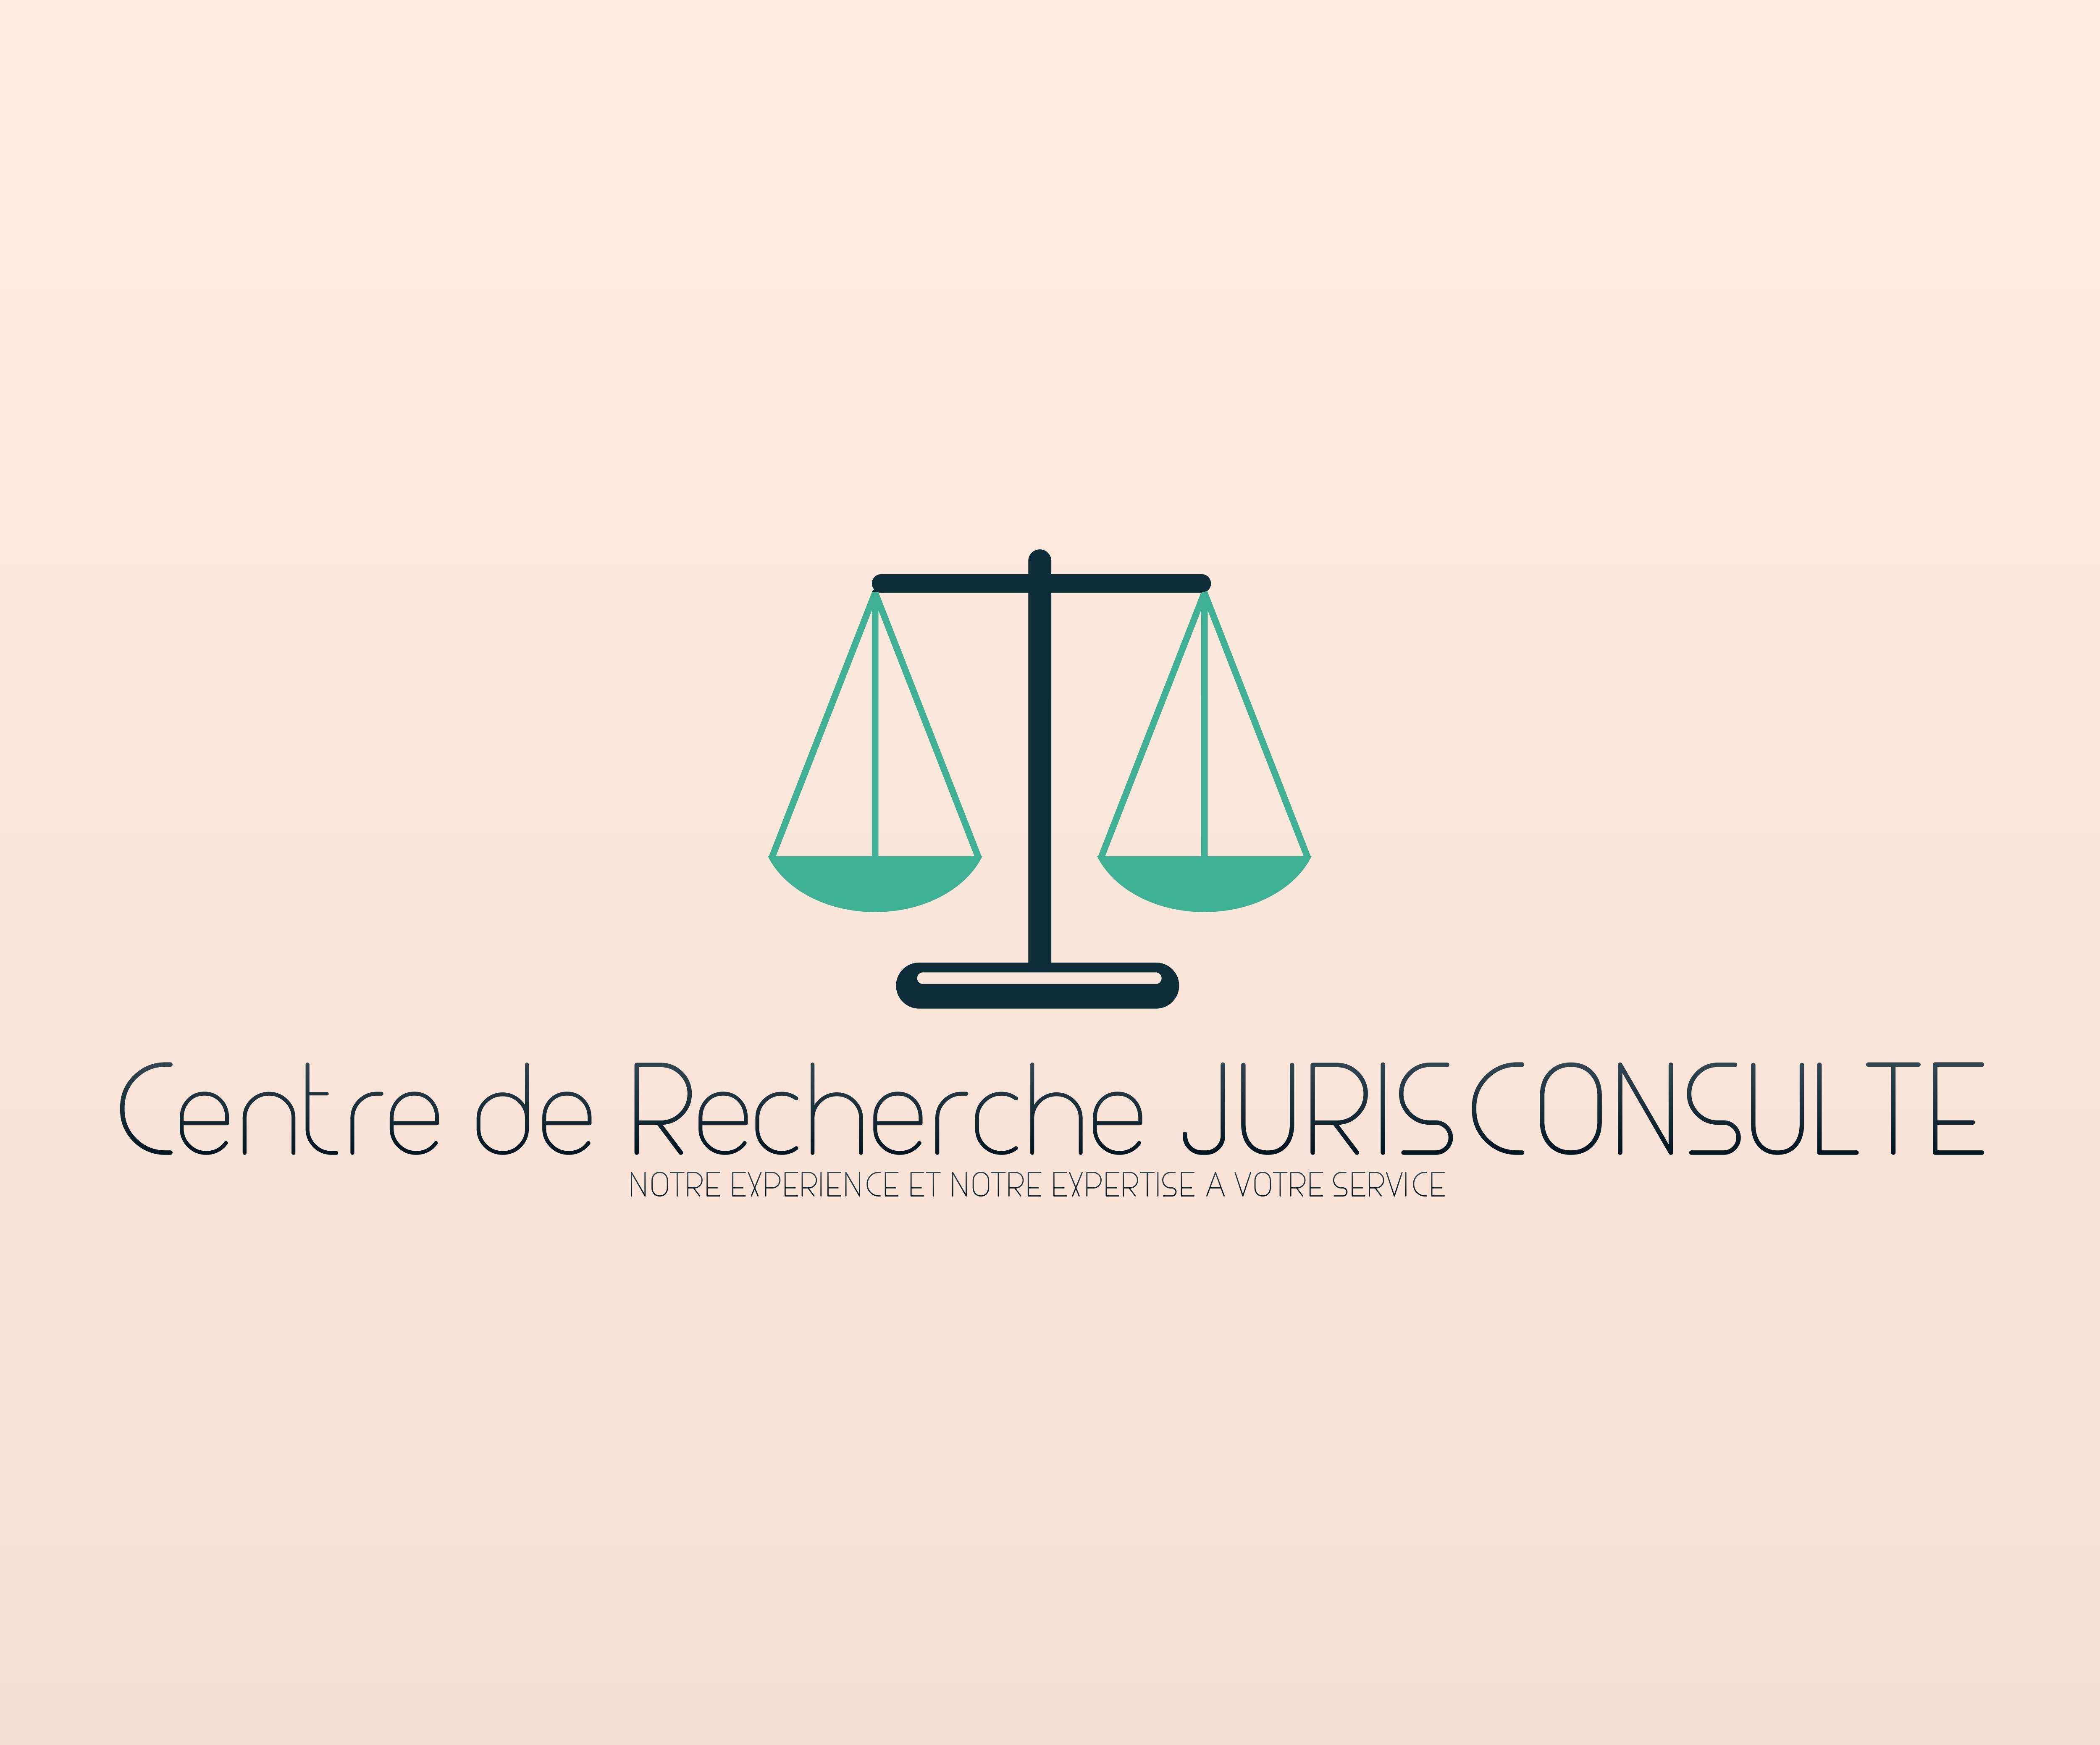 Logo of Centre de Recherche JURISCONSULTE